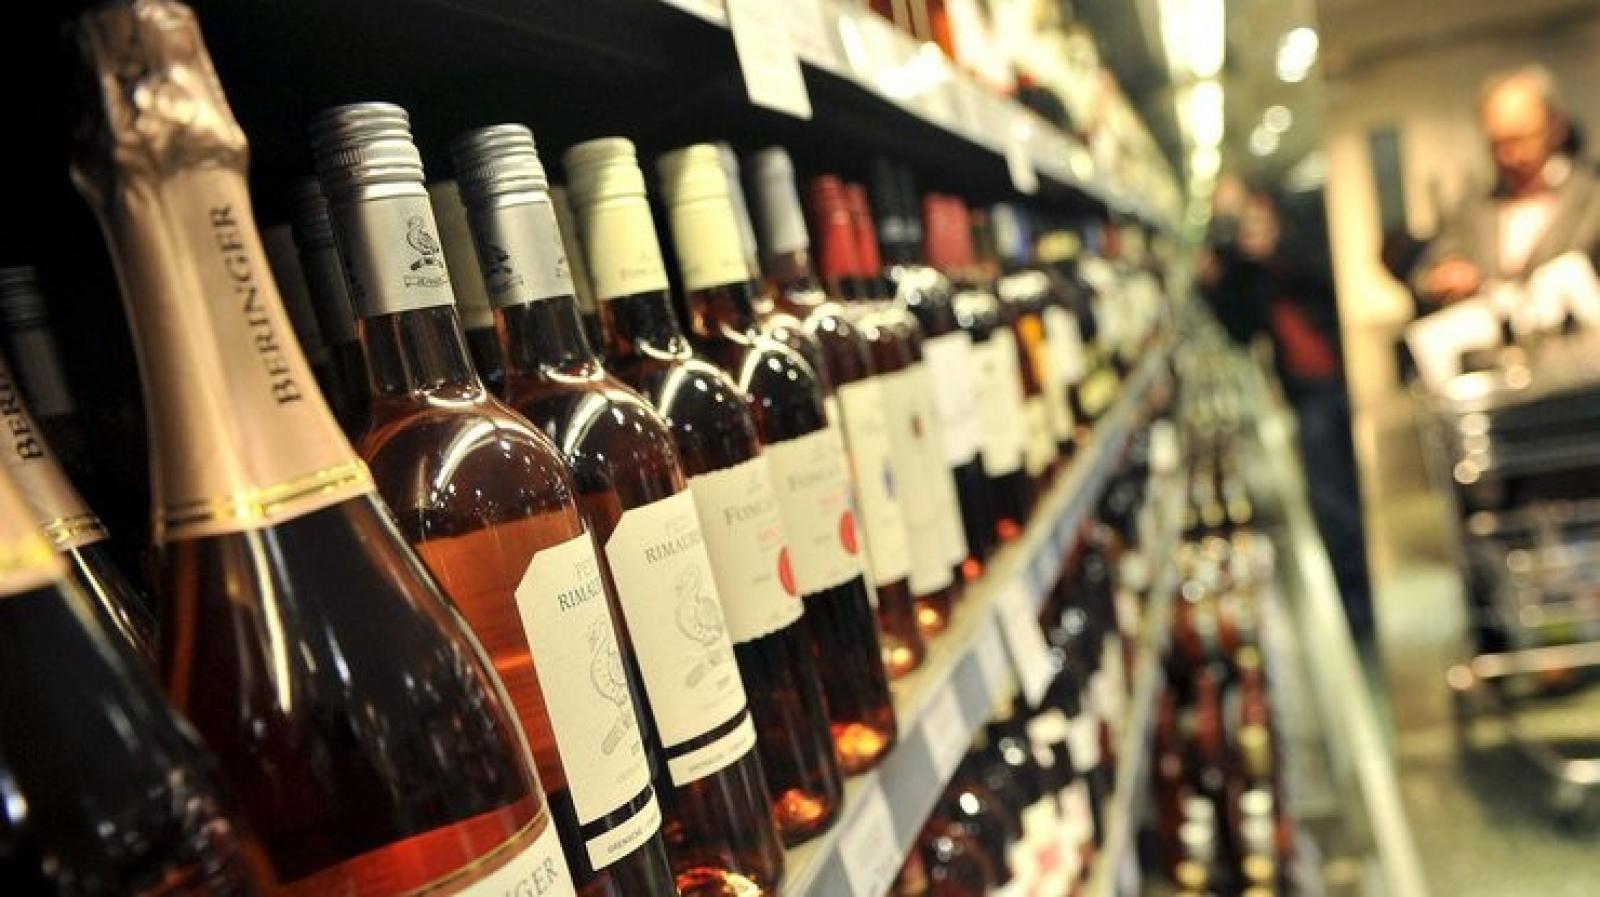 180 литров алкоголя пытались тайком провезти через границу РК за сутки